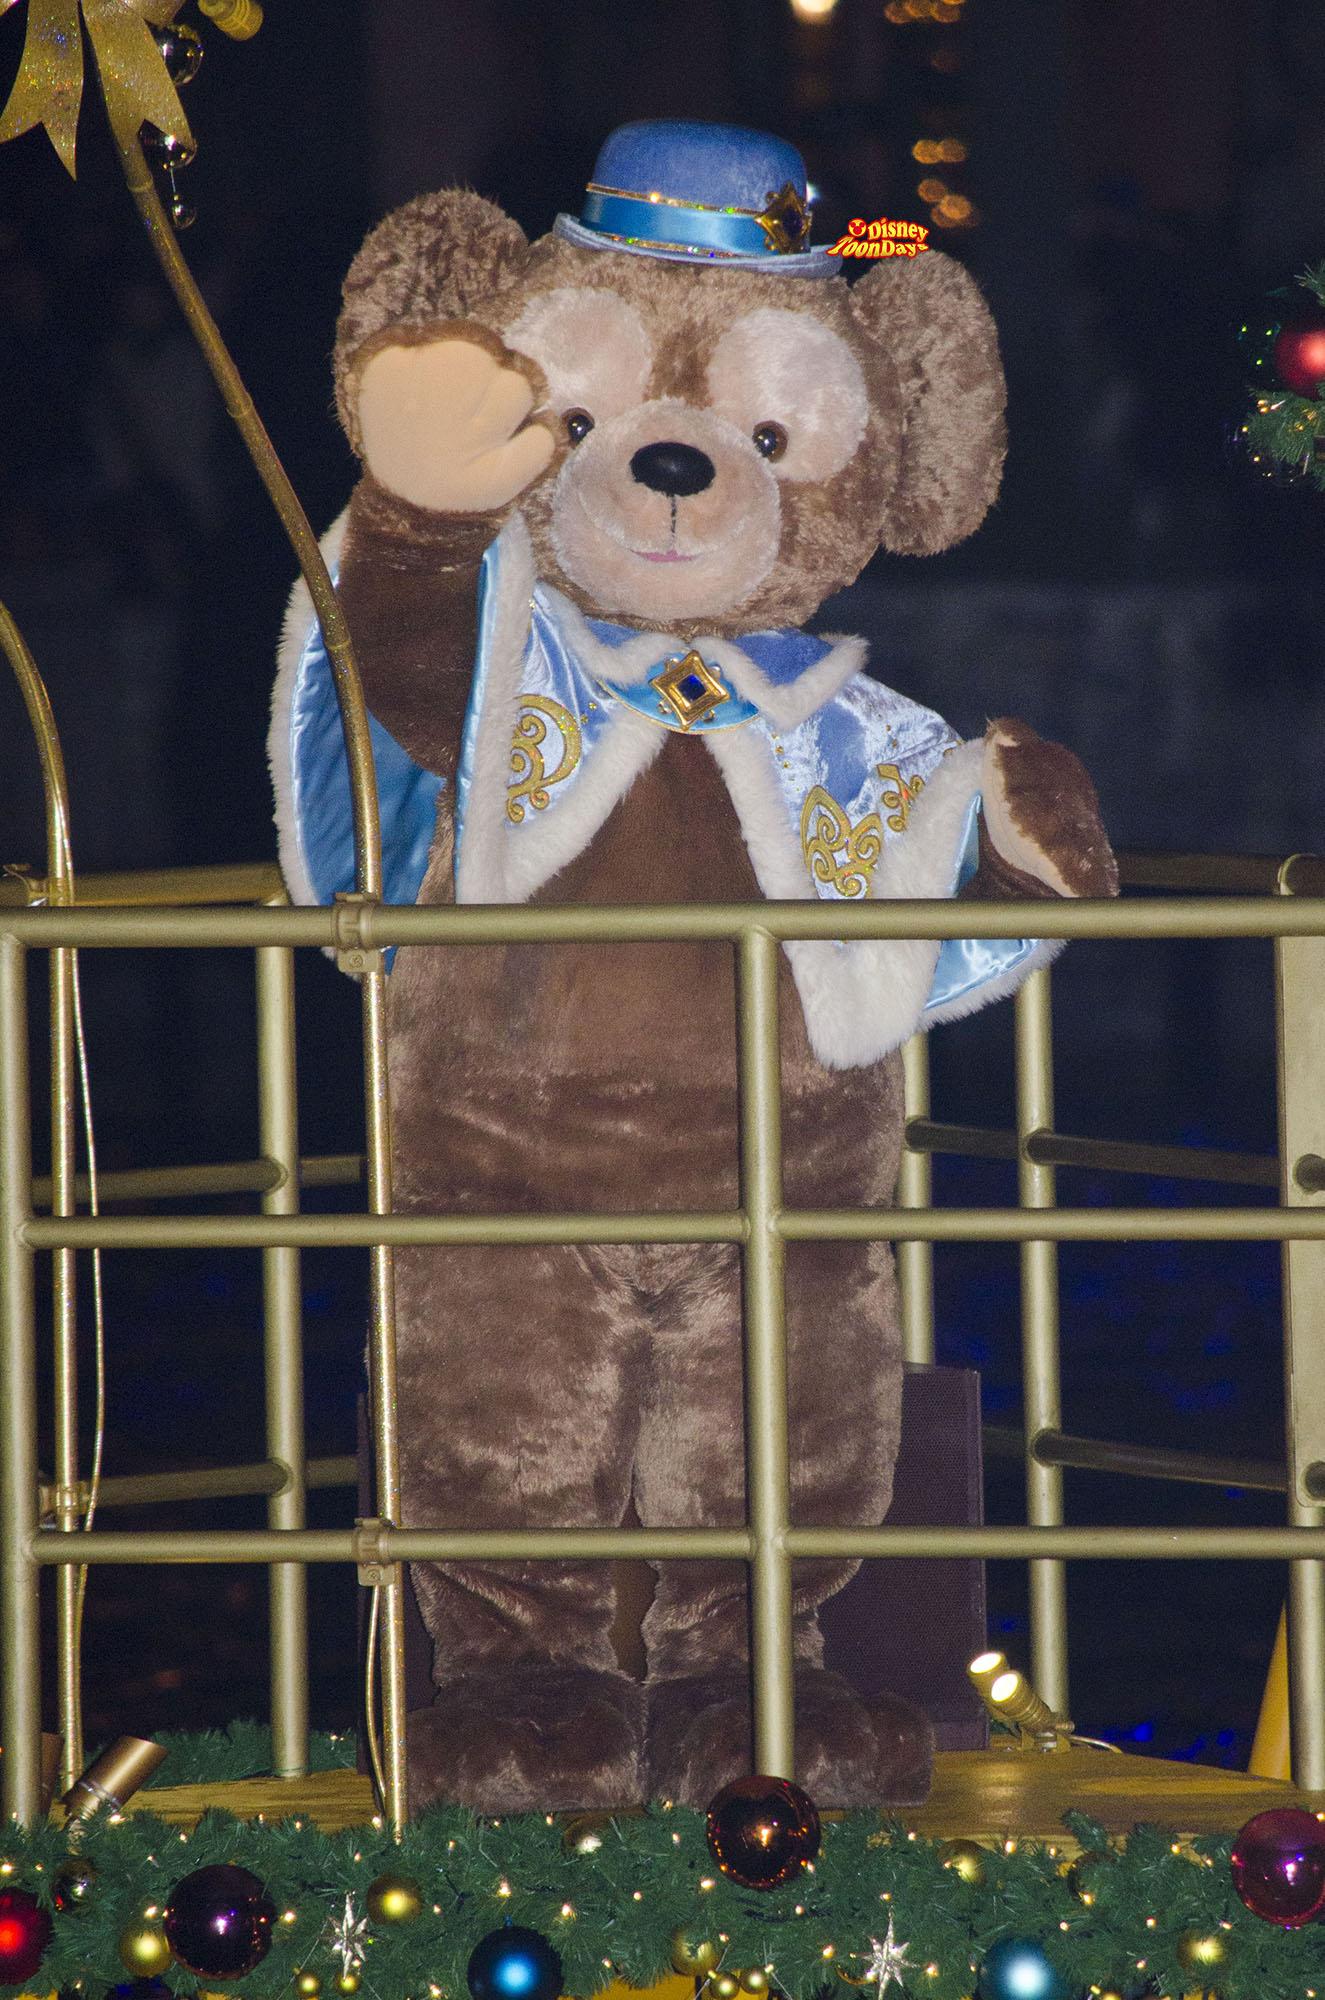 TDS クリスマスウィッシュ 2013 カラーオブクリスマス ダッフィー